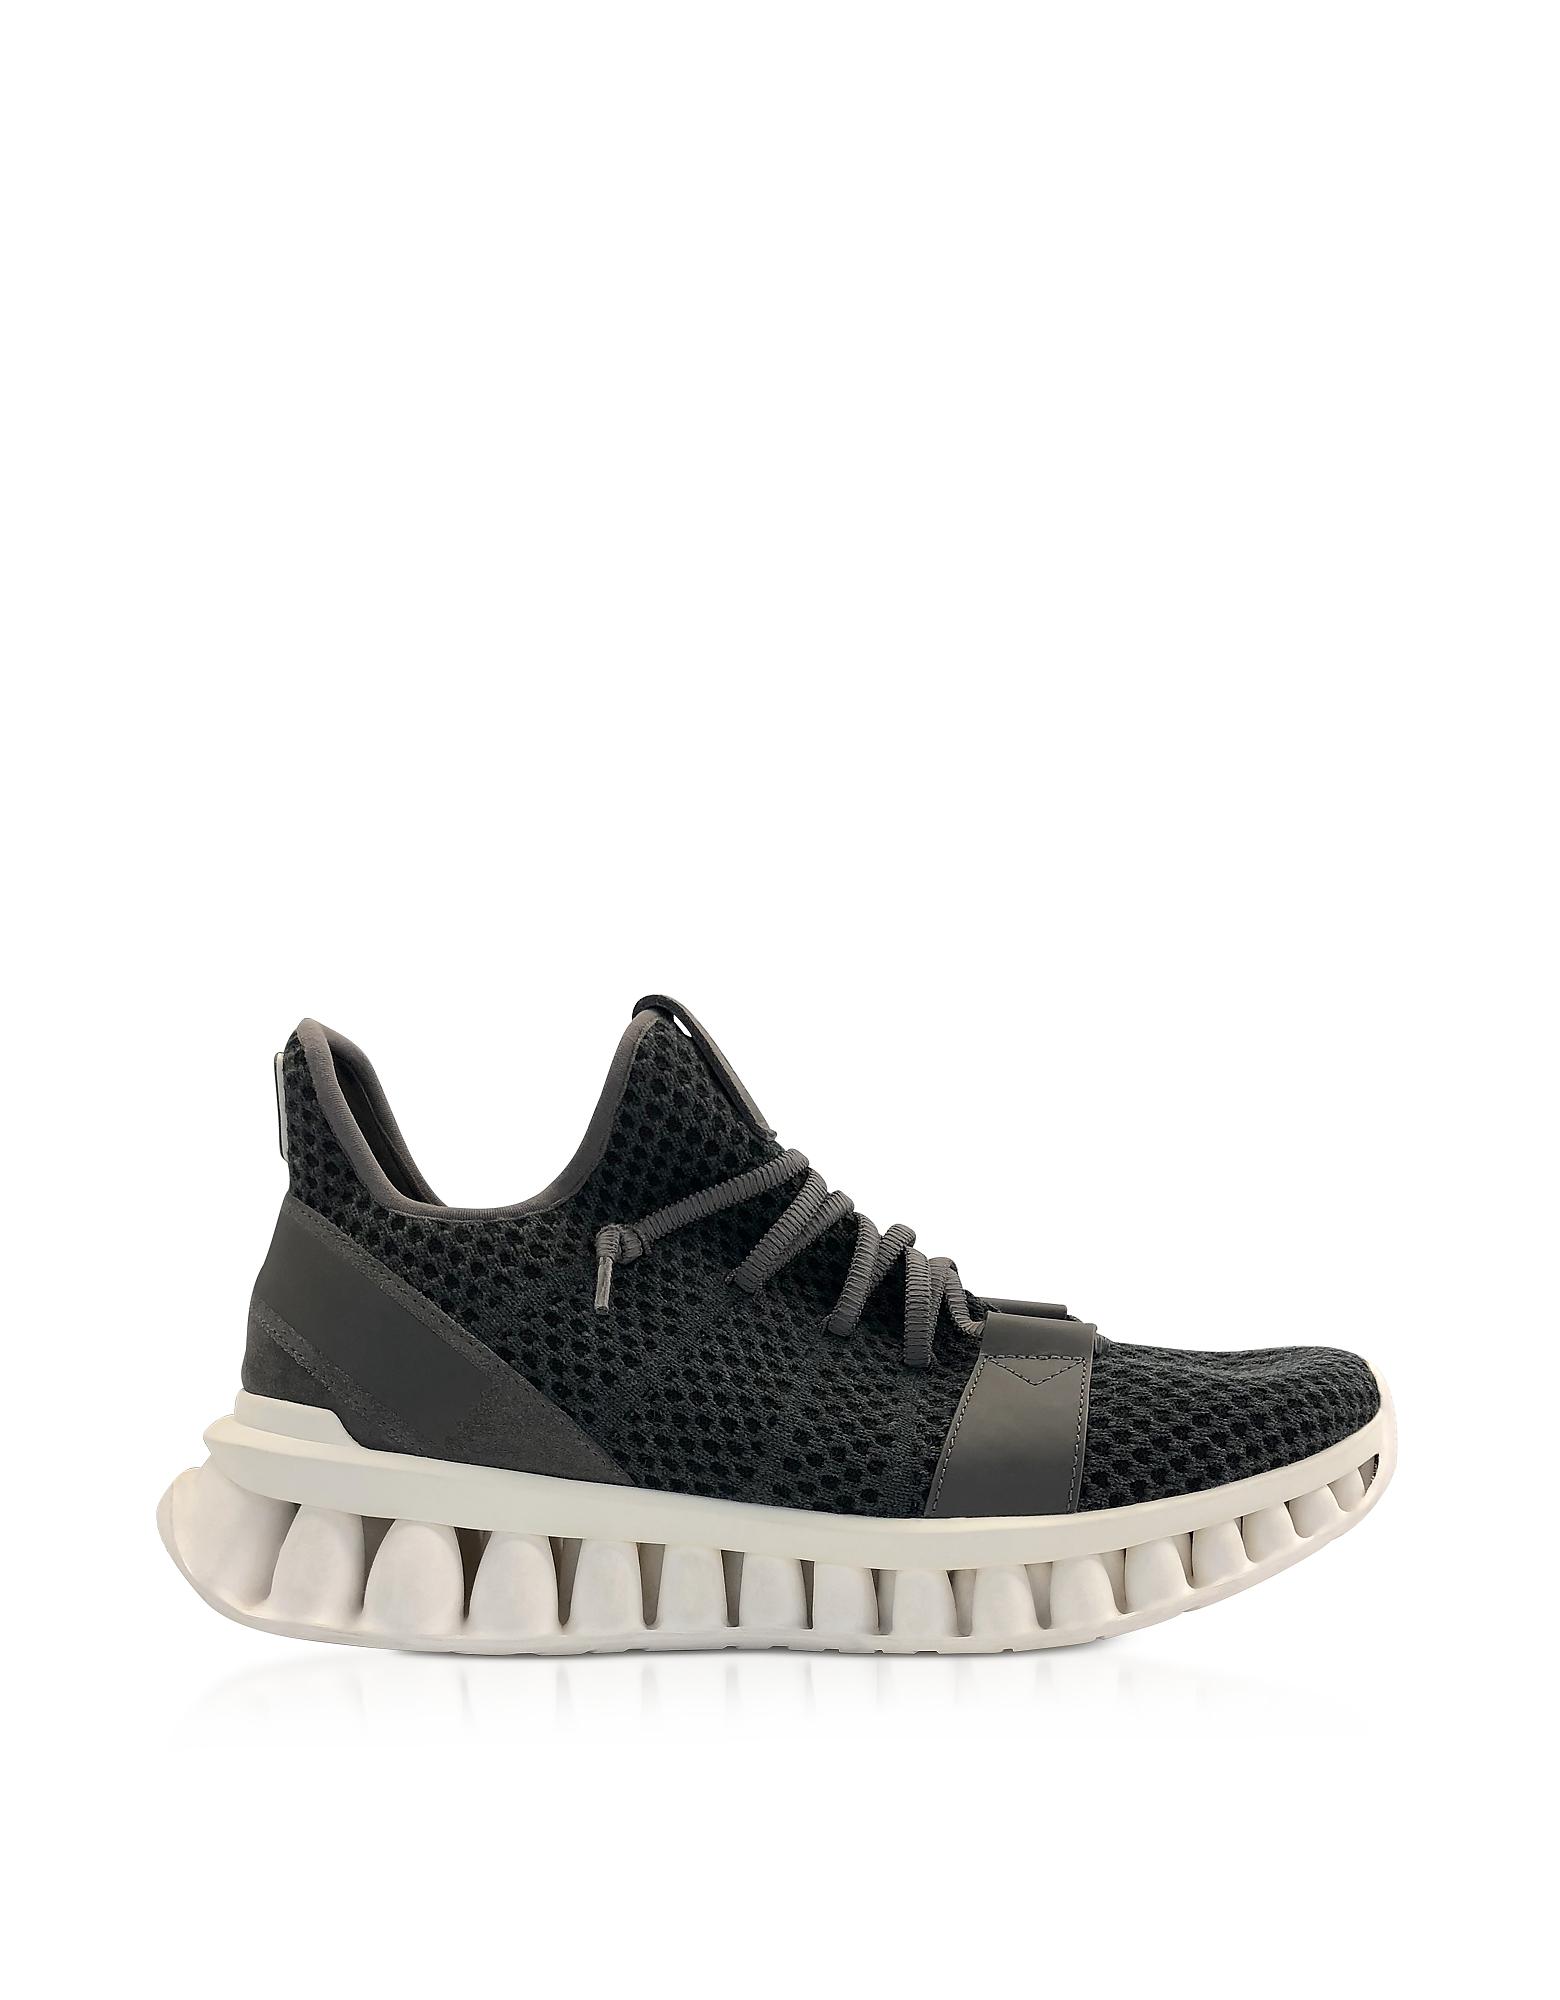 Ermenegildo Zegna Sneakers GRAY TECHMERINO A-MAZE SNEAKERS